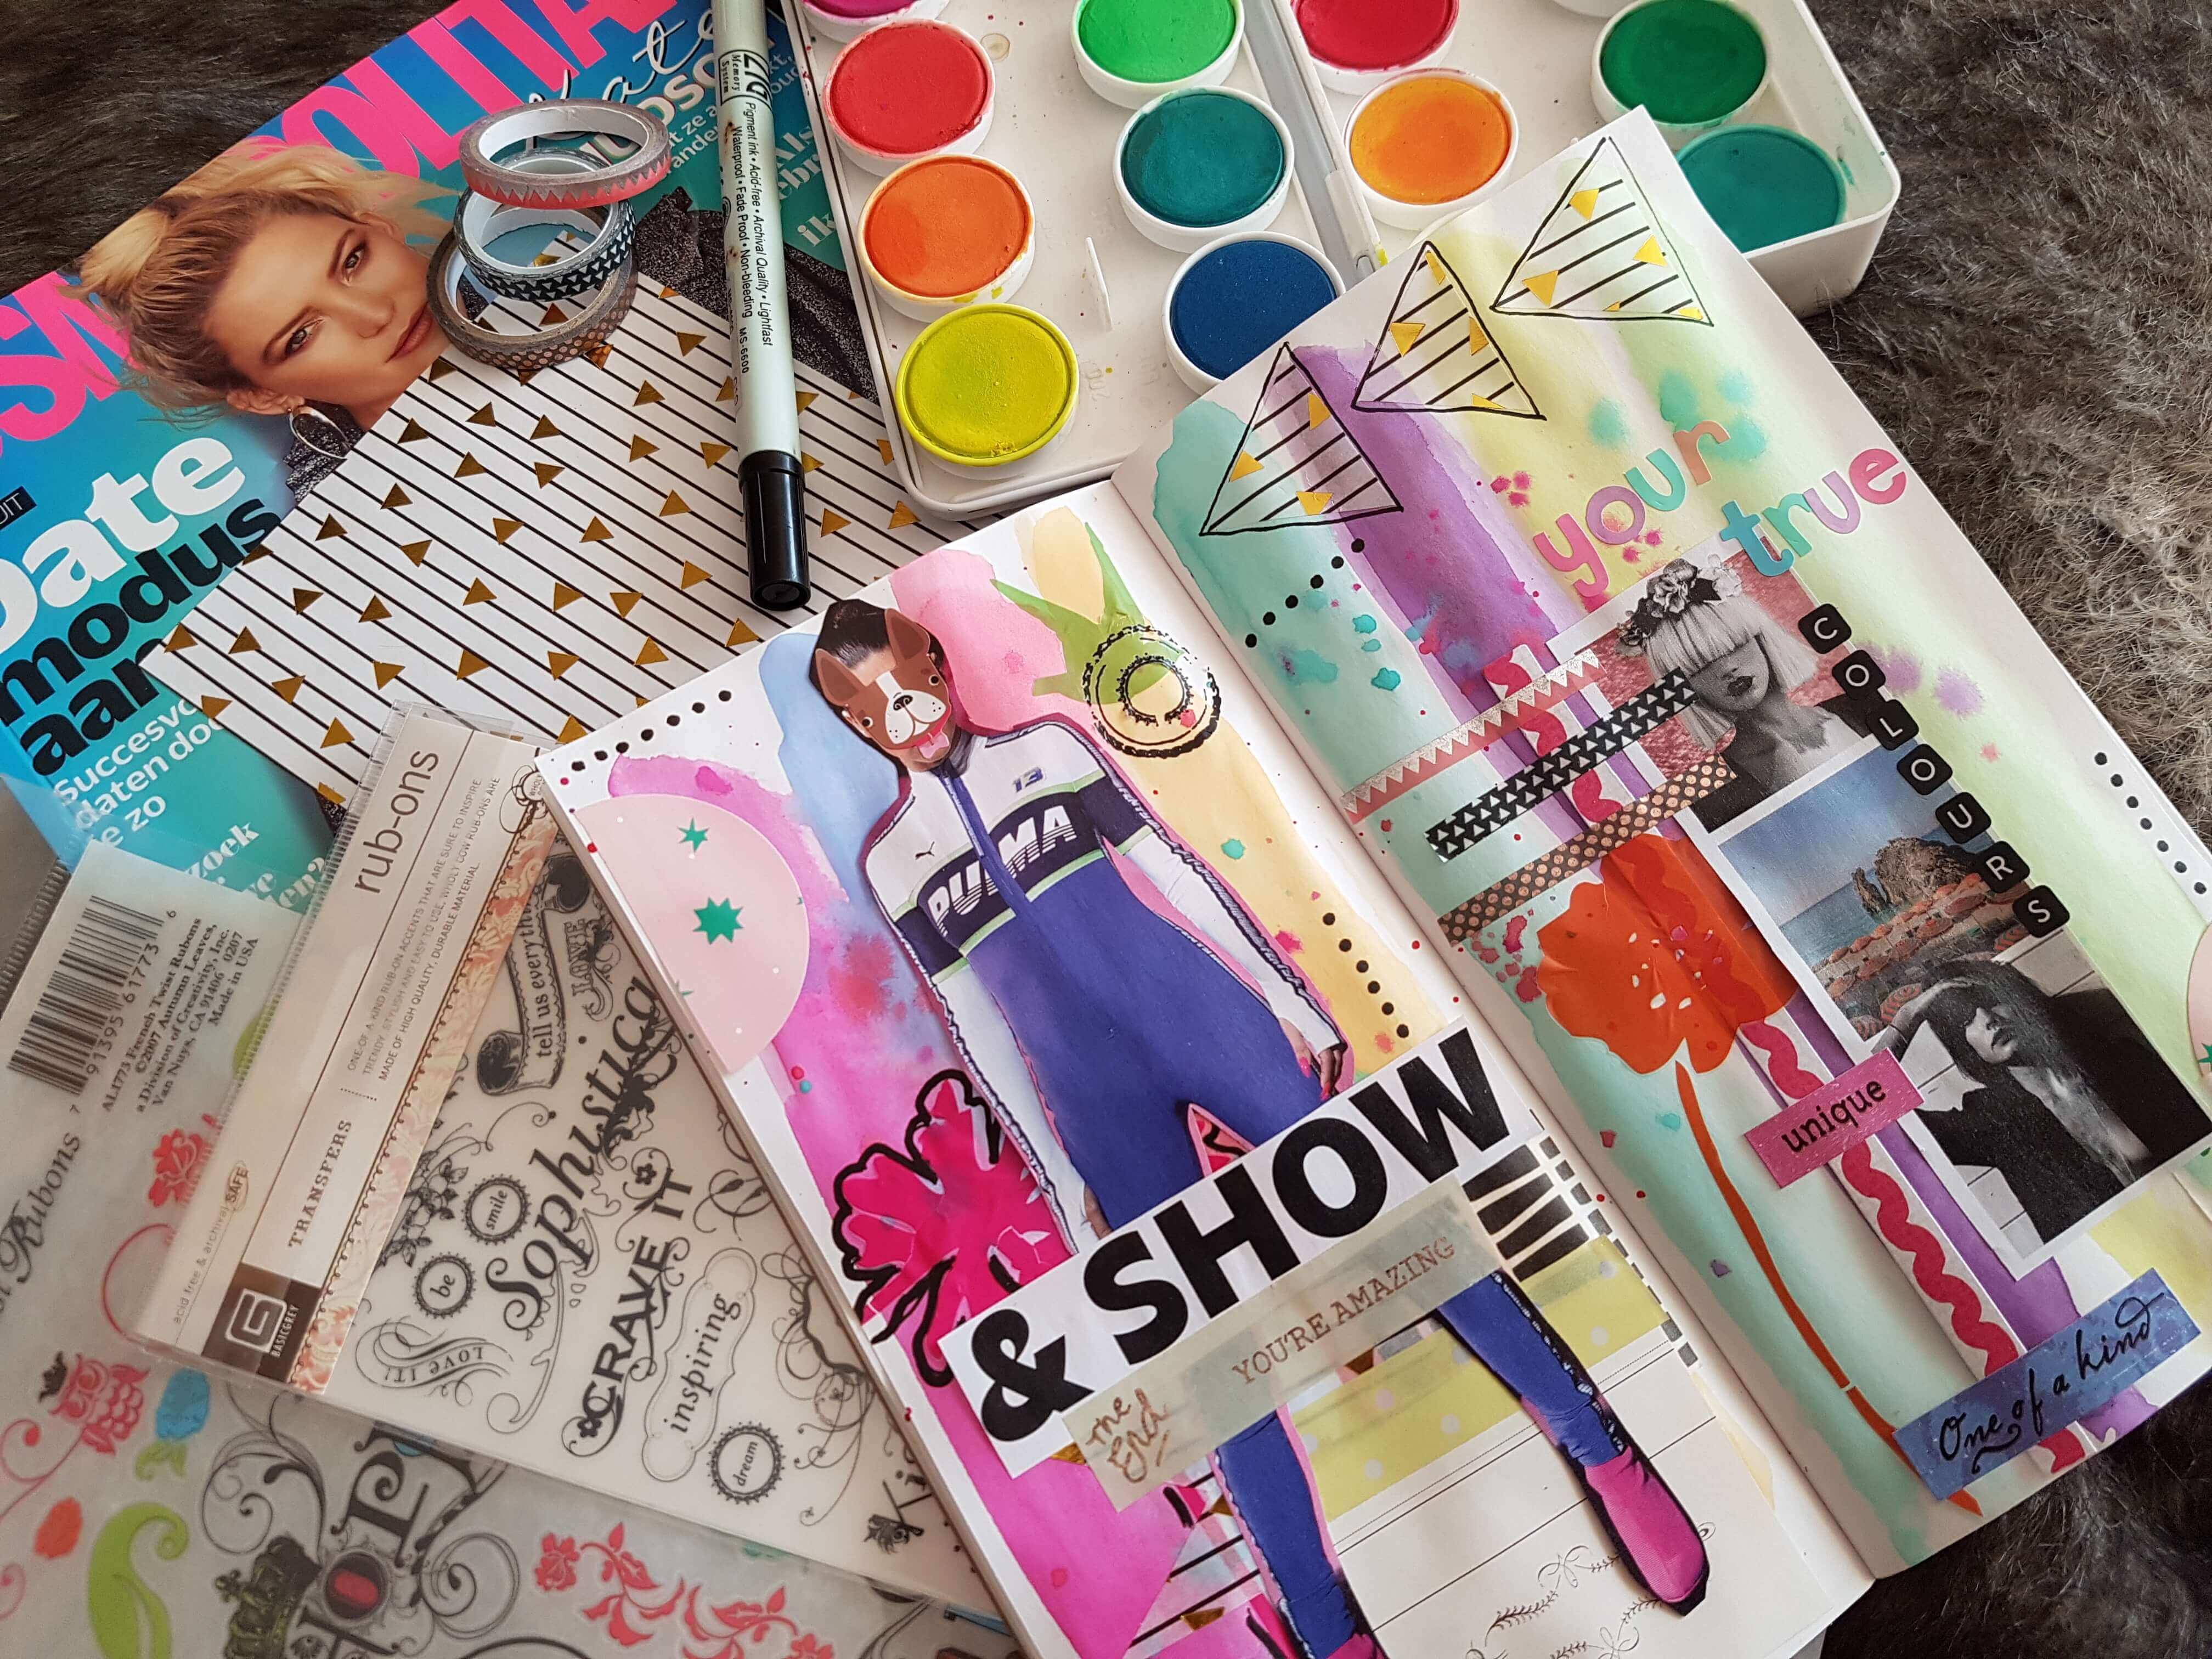 Inspiratie voor als je journaling vastloopt